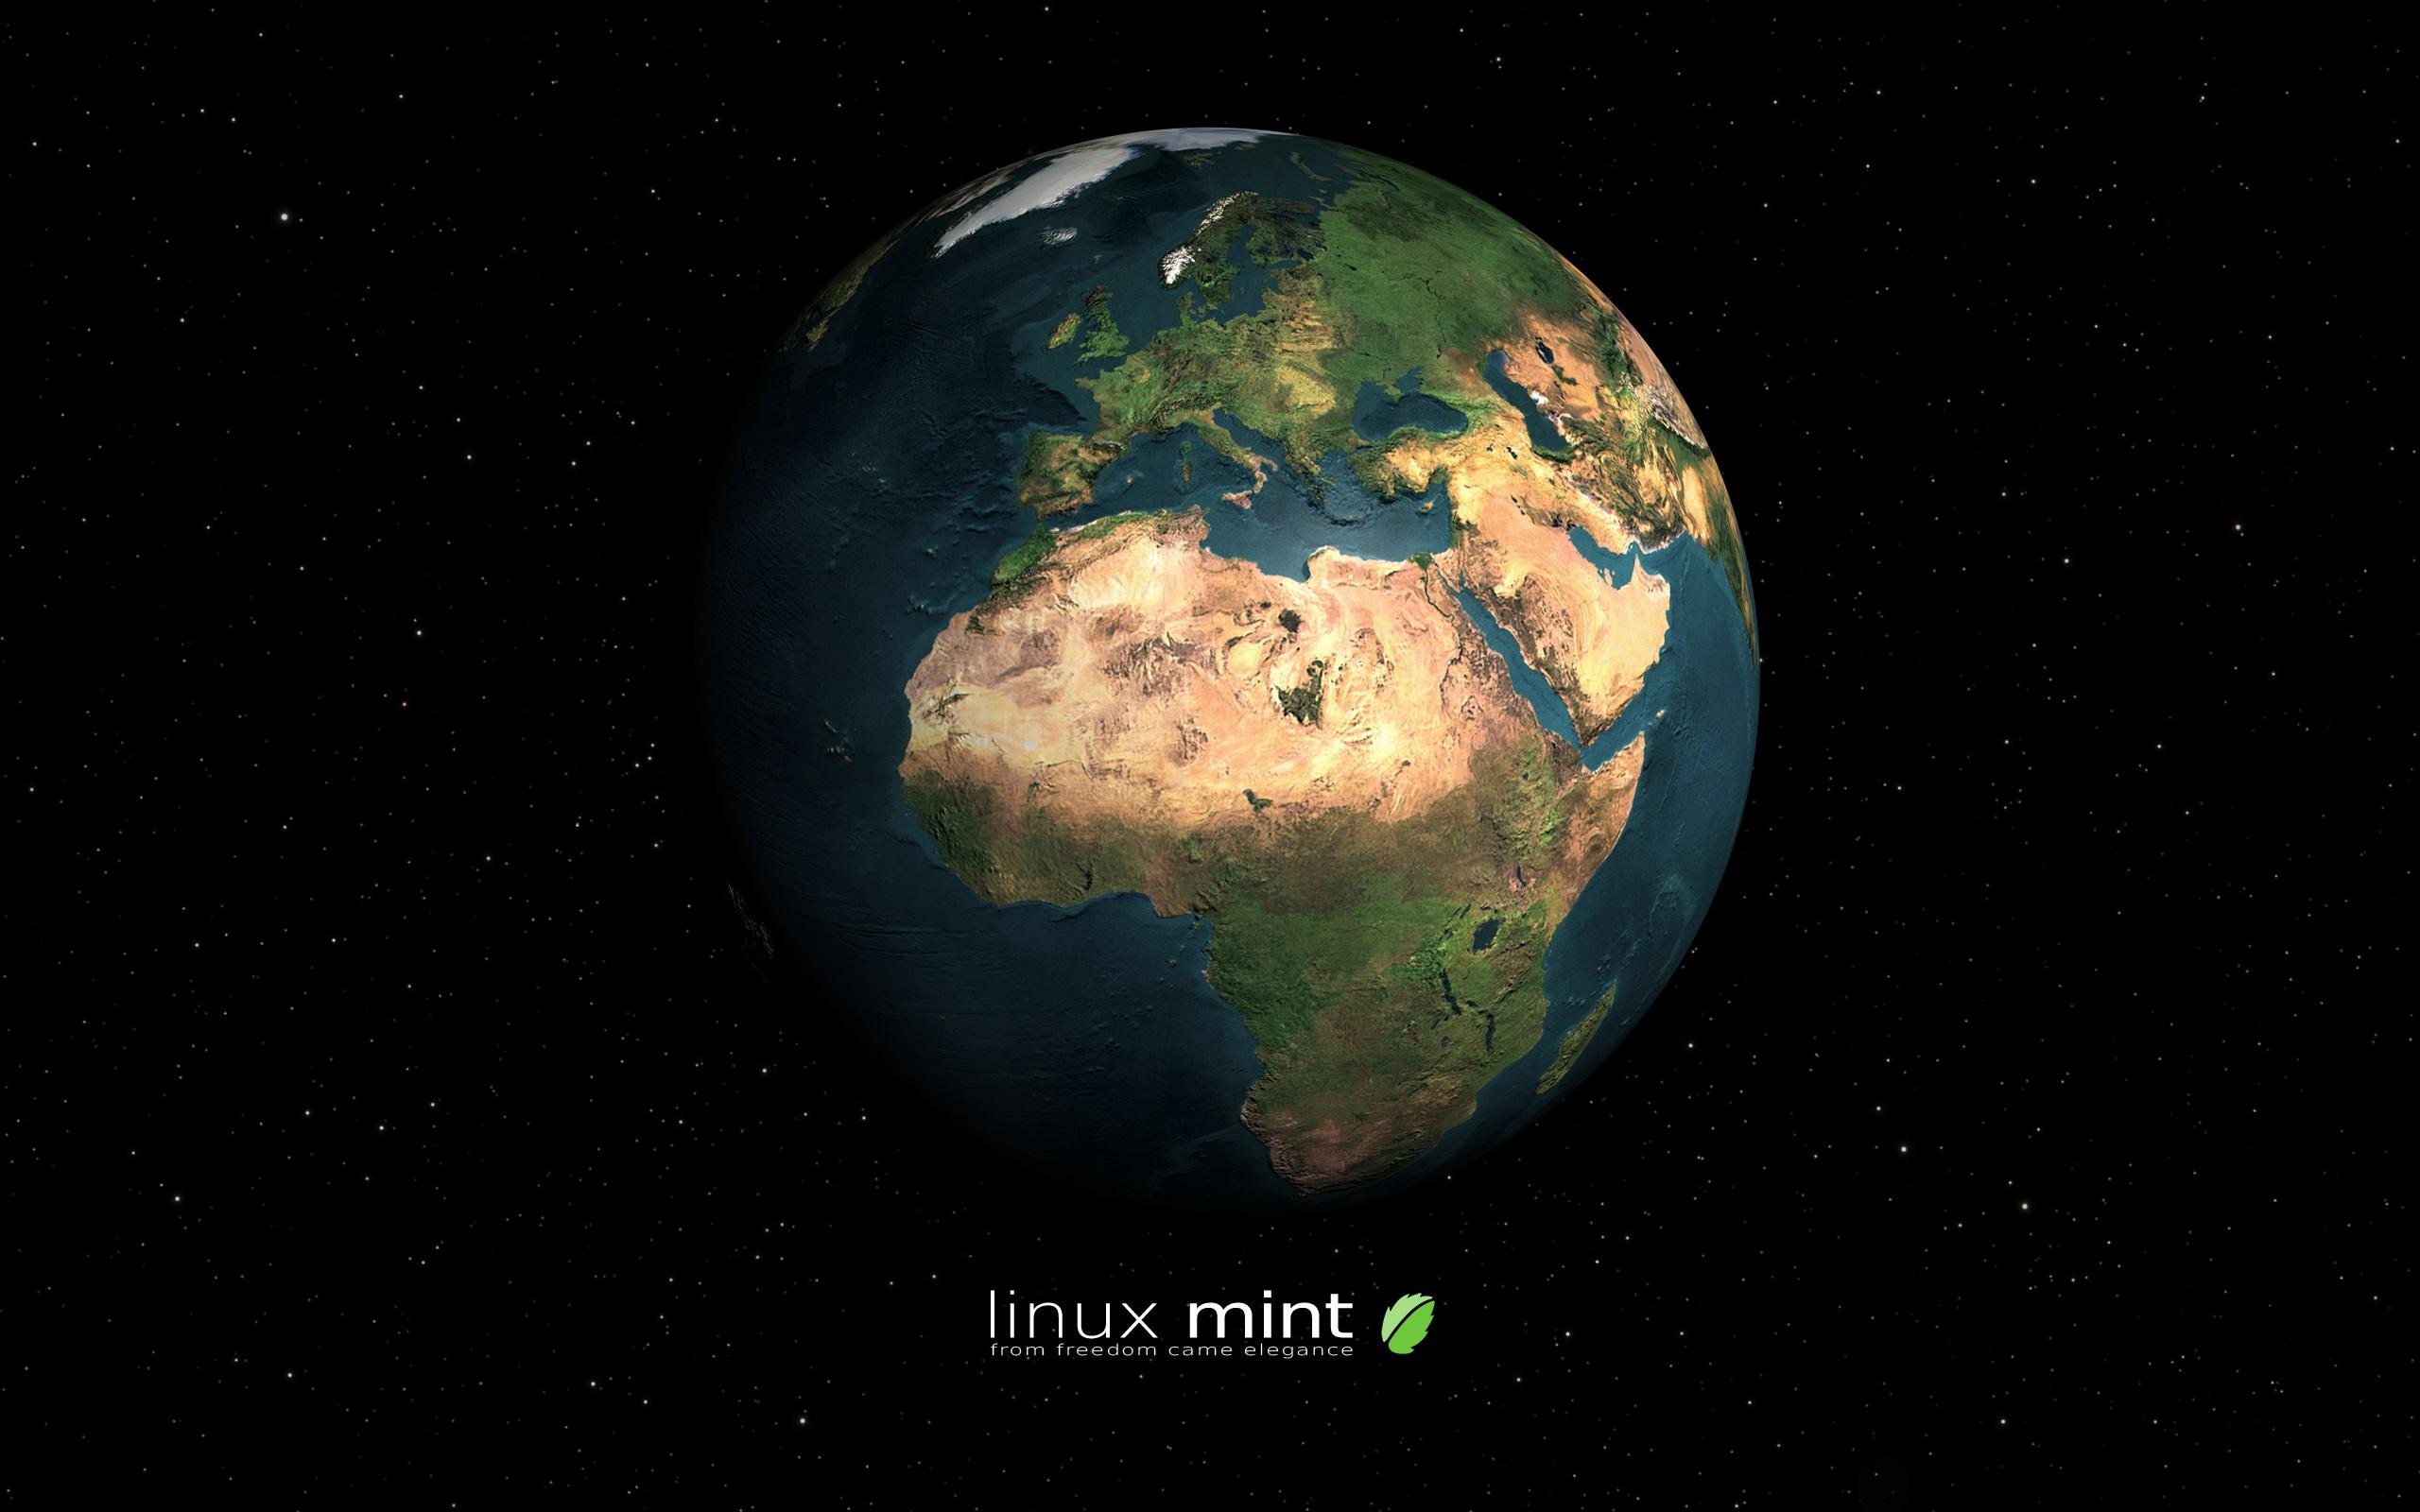 Обои линукс минт, линукс, мята, linux mint